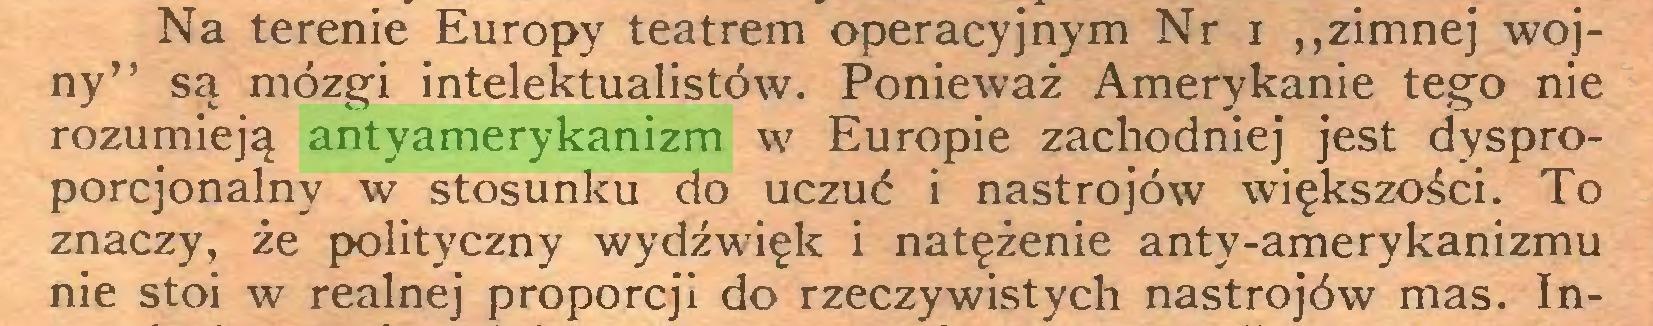 """(...) Na terenie Europy teatrem operacyjnym Nr i """"zimnej wojny"""" są mózgi intelektualistów. Ponieważ Amerykanie tego nie rozumieją antyamerykanizm w Europie zachodniej jest dysproporcjonalny w stosunku do uczuć i nastrojów większości. To znaczy, że polityczny wydźwięk i natężenie anty-amerykanizmu nie stoi w realnej proporcji do rzeczywistych nastrojów mas. In..."""